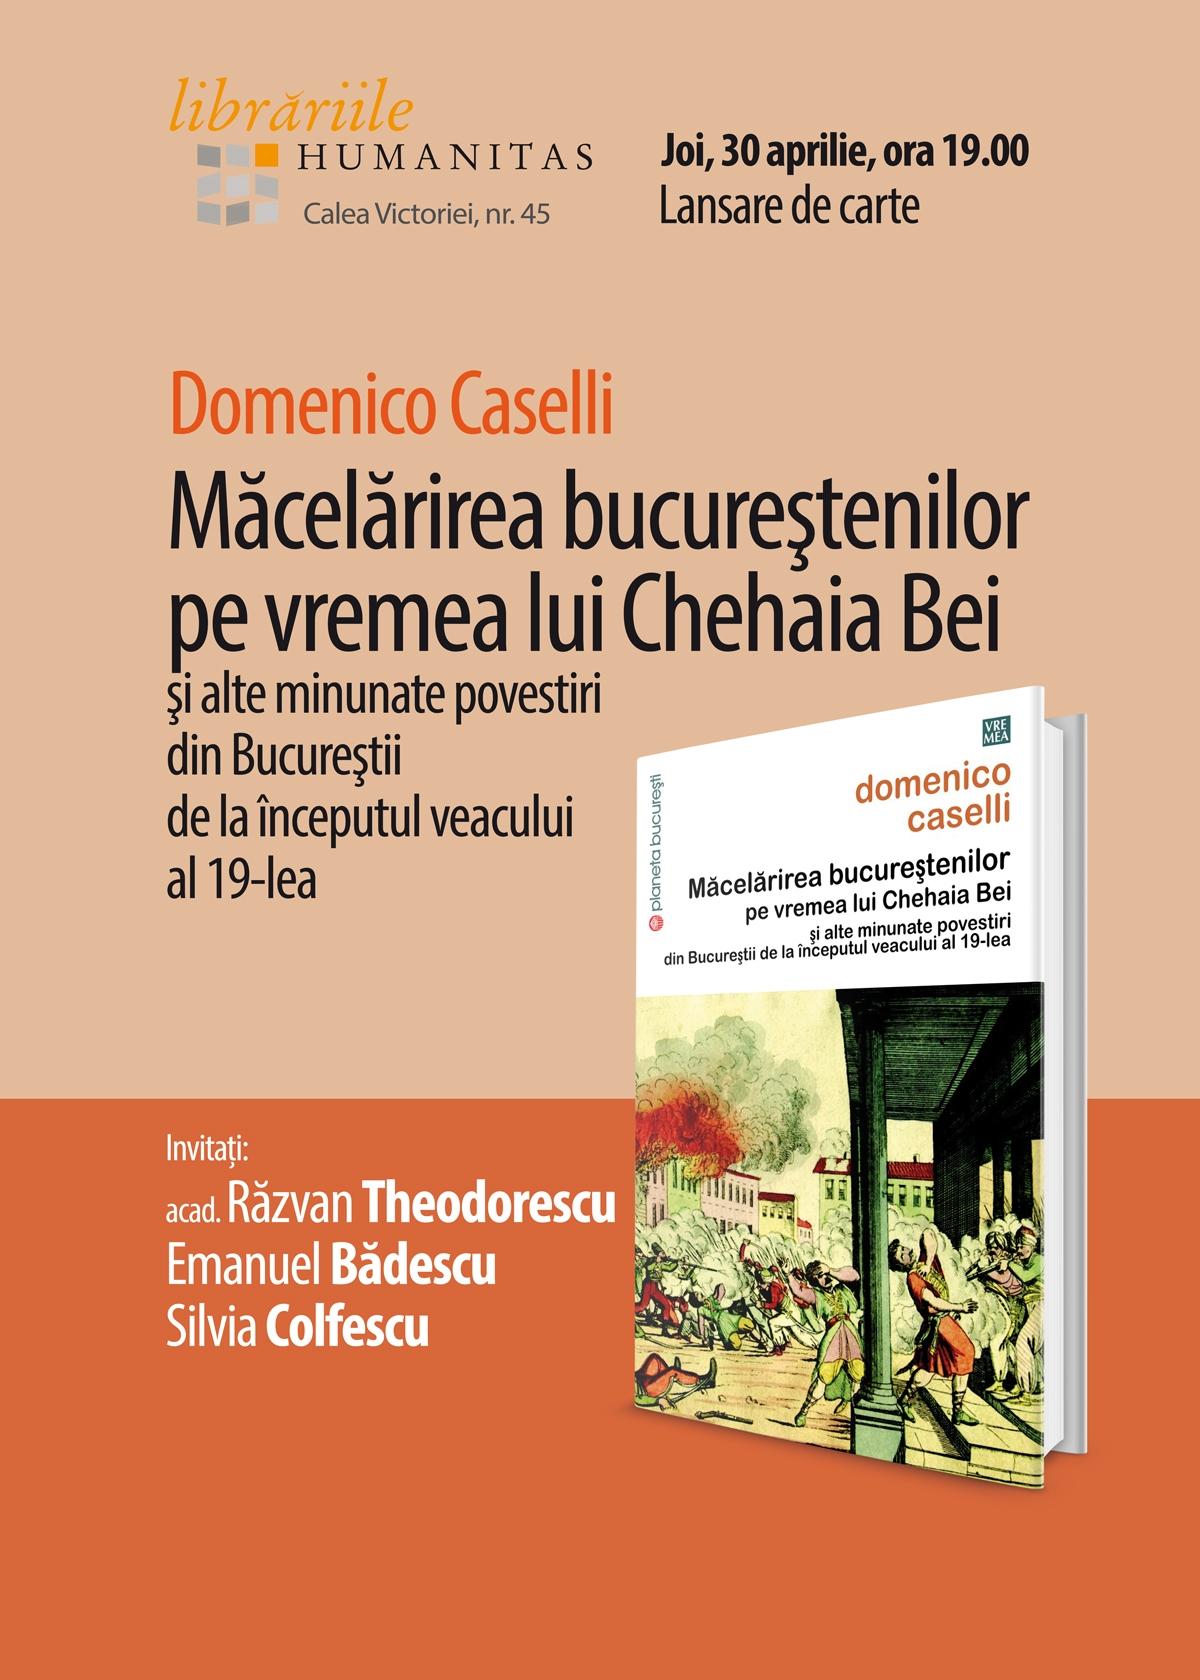 """Lansare de carte - """"Măcelărirea bucureștenilor pe vremea lui Chehaia bei"""" de D. Caselli"""